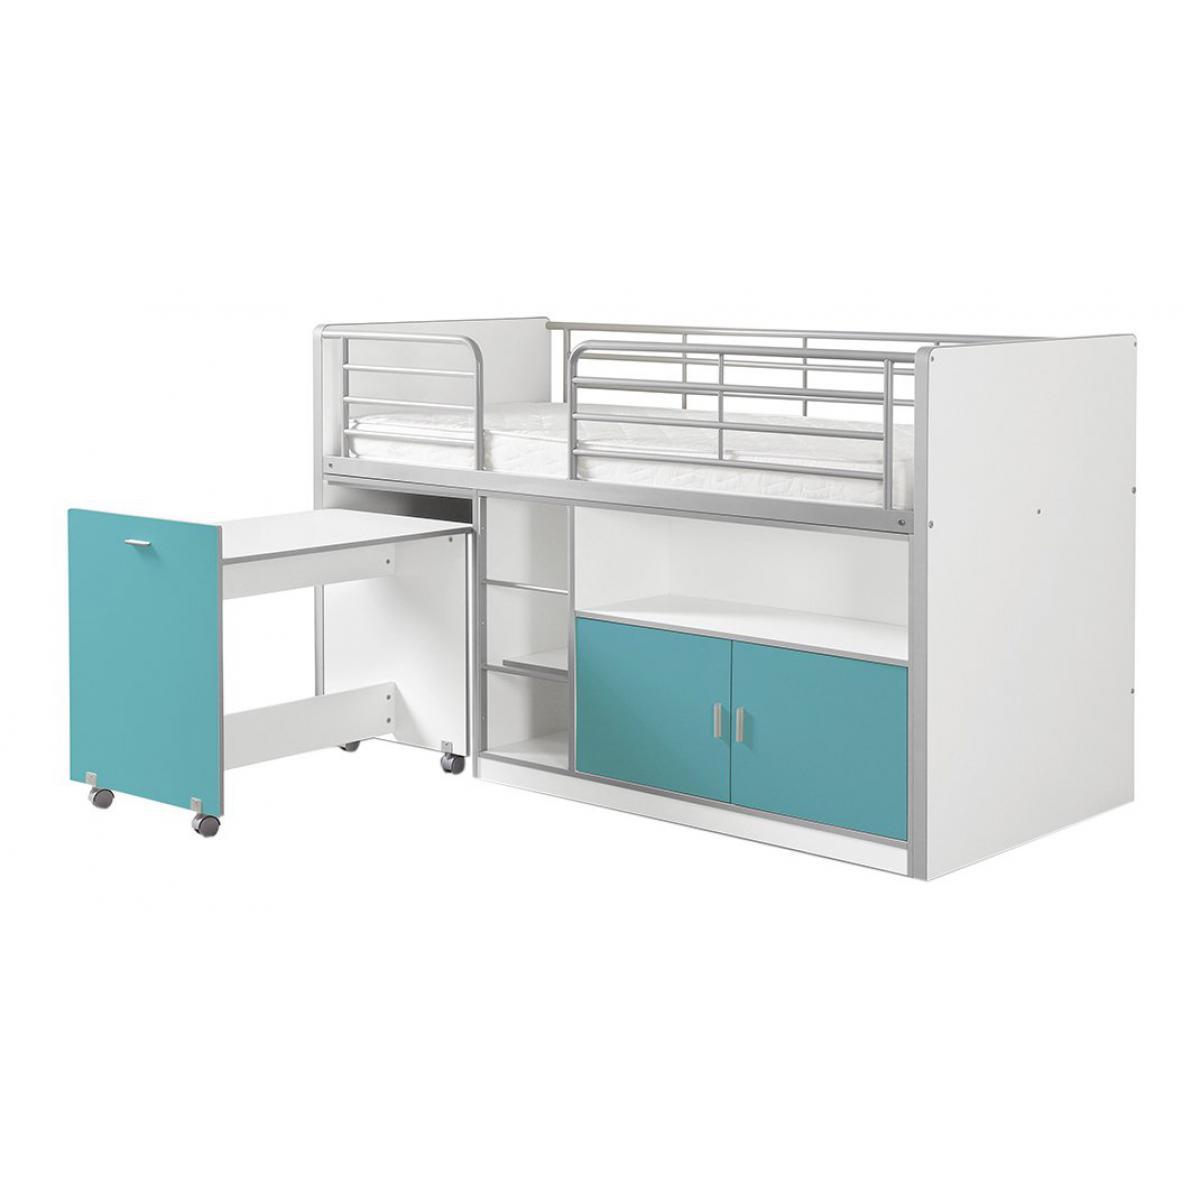 Vipack Vipack BONNY Lit mi-hauteur avec bureau et rangement 90x 200 Turquoise